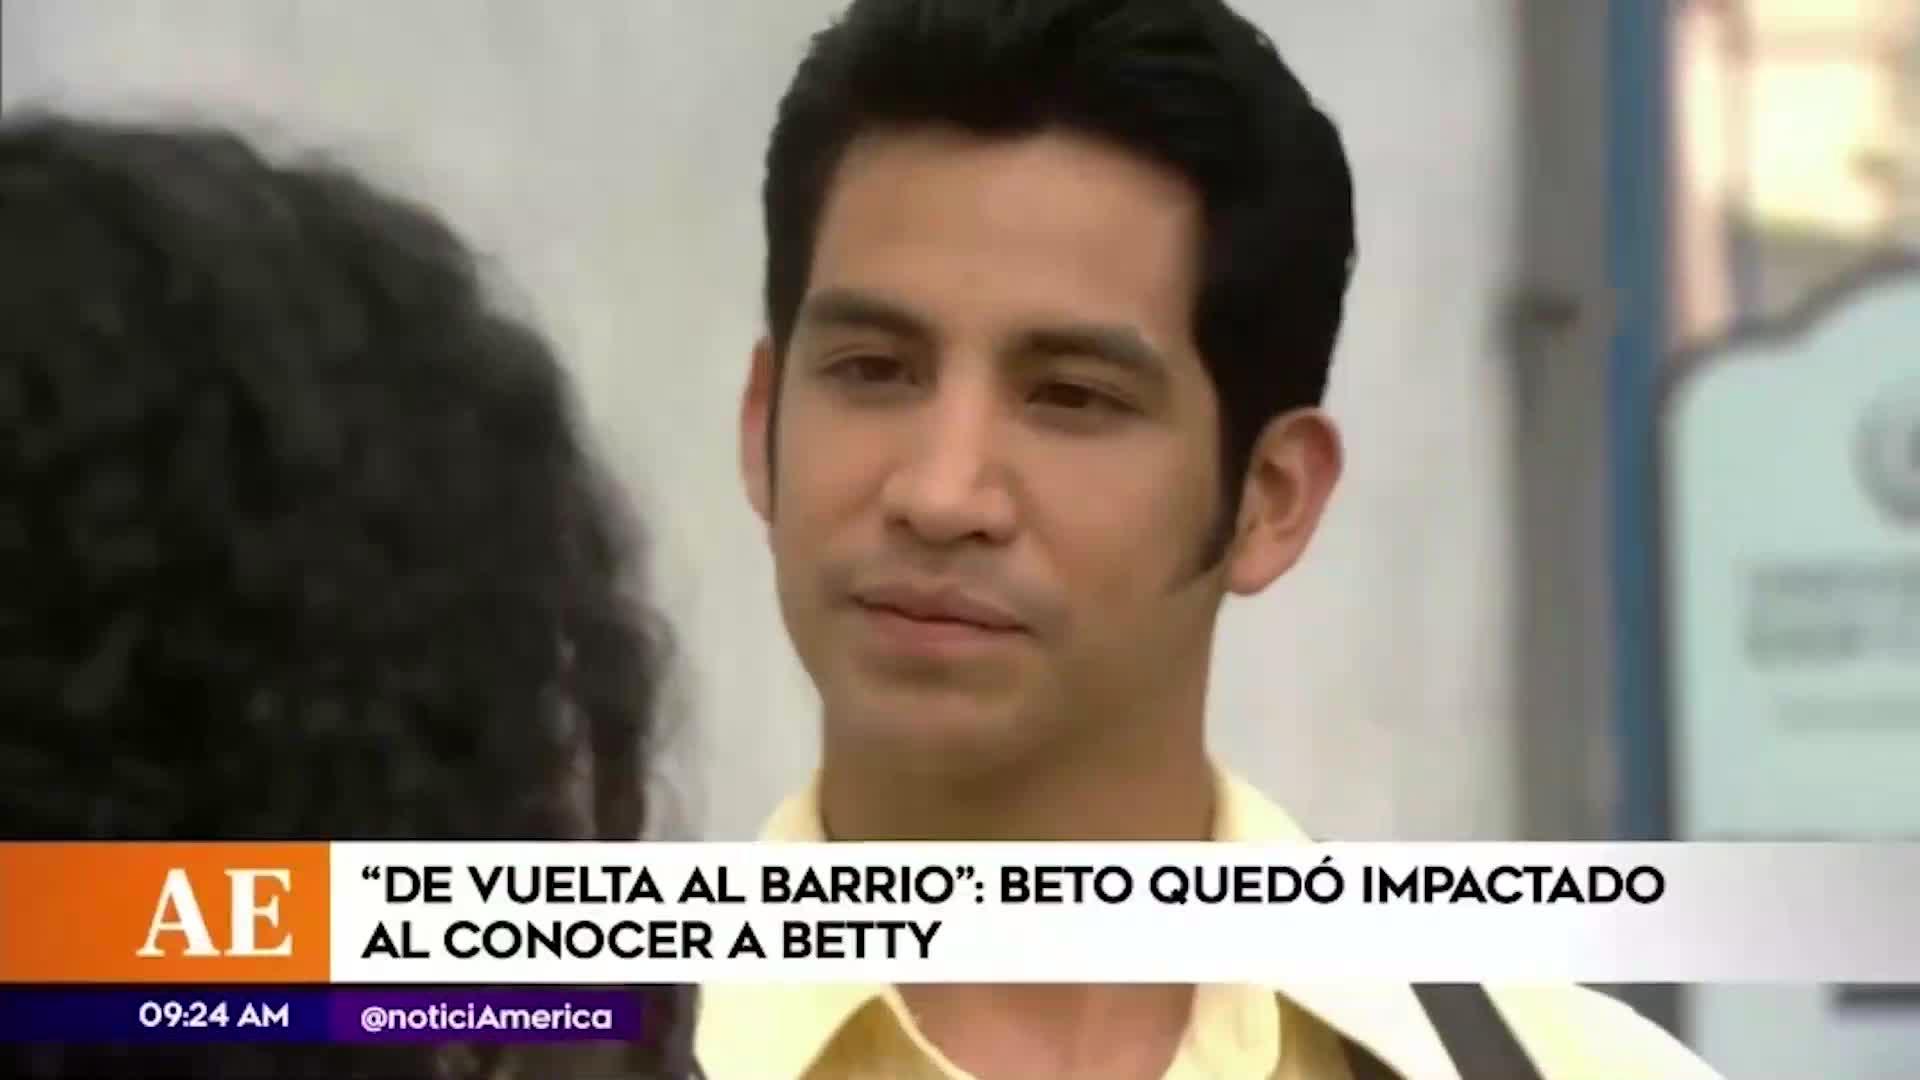 DVAB: Beto conoció a Betty en la universidad y quedó impactado